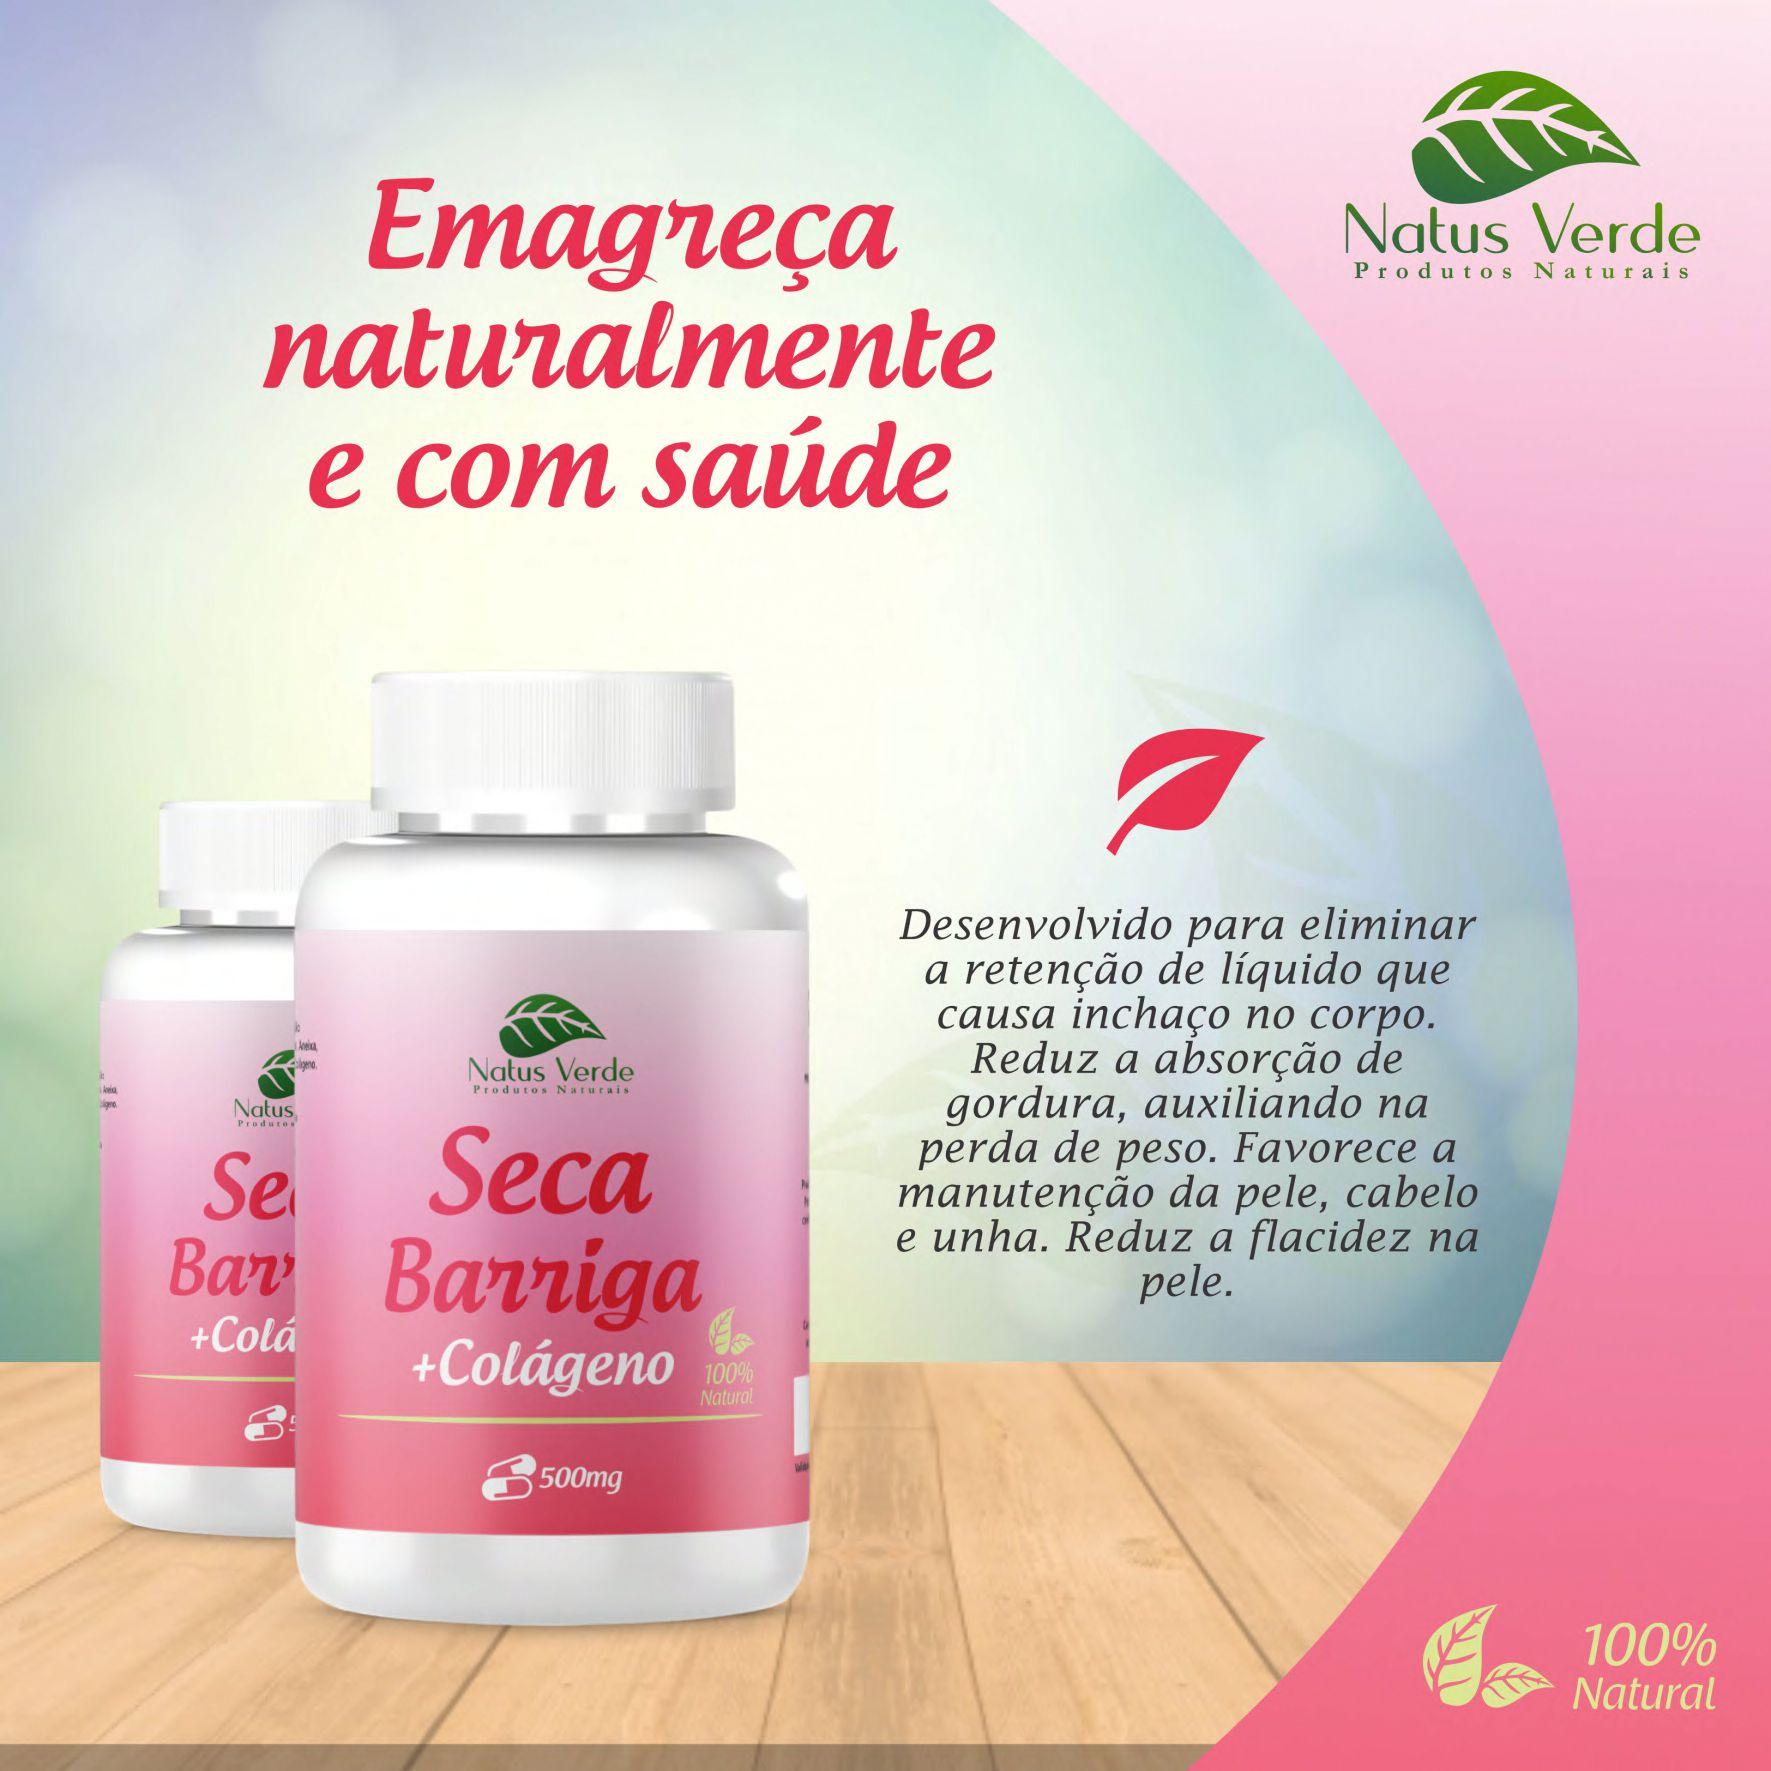 Seca Barriga Com Colágeno Produto natural 60 Caps Natus Verde   - Fribasex - Fabricasex.com